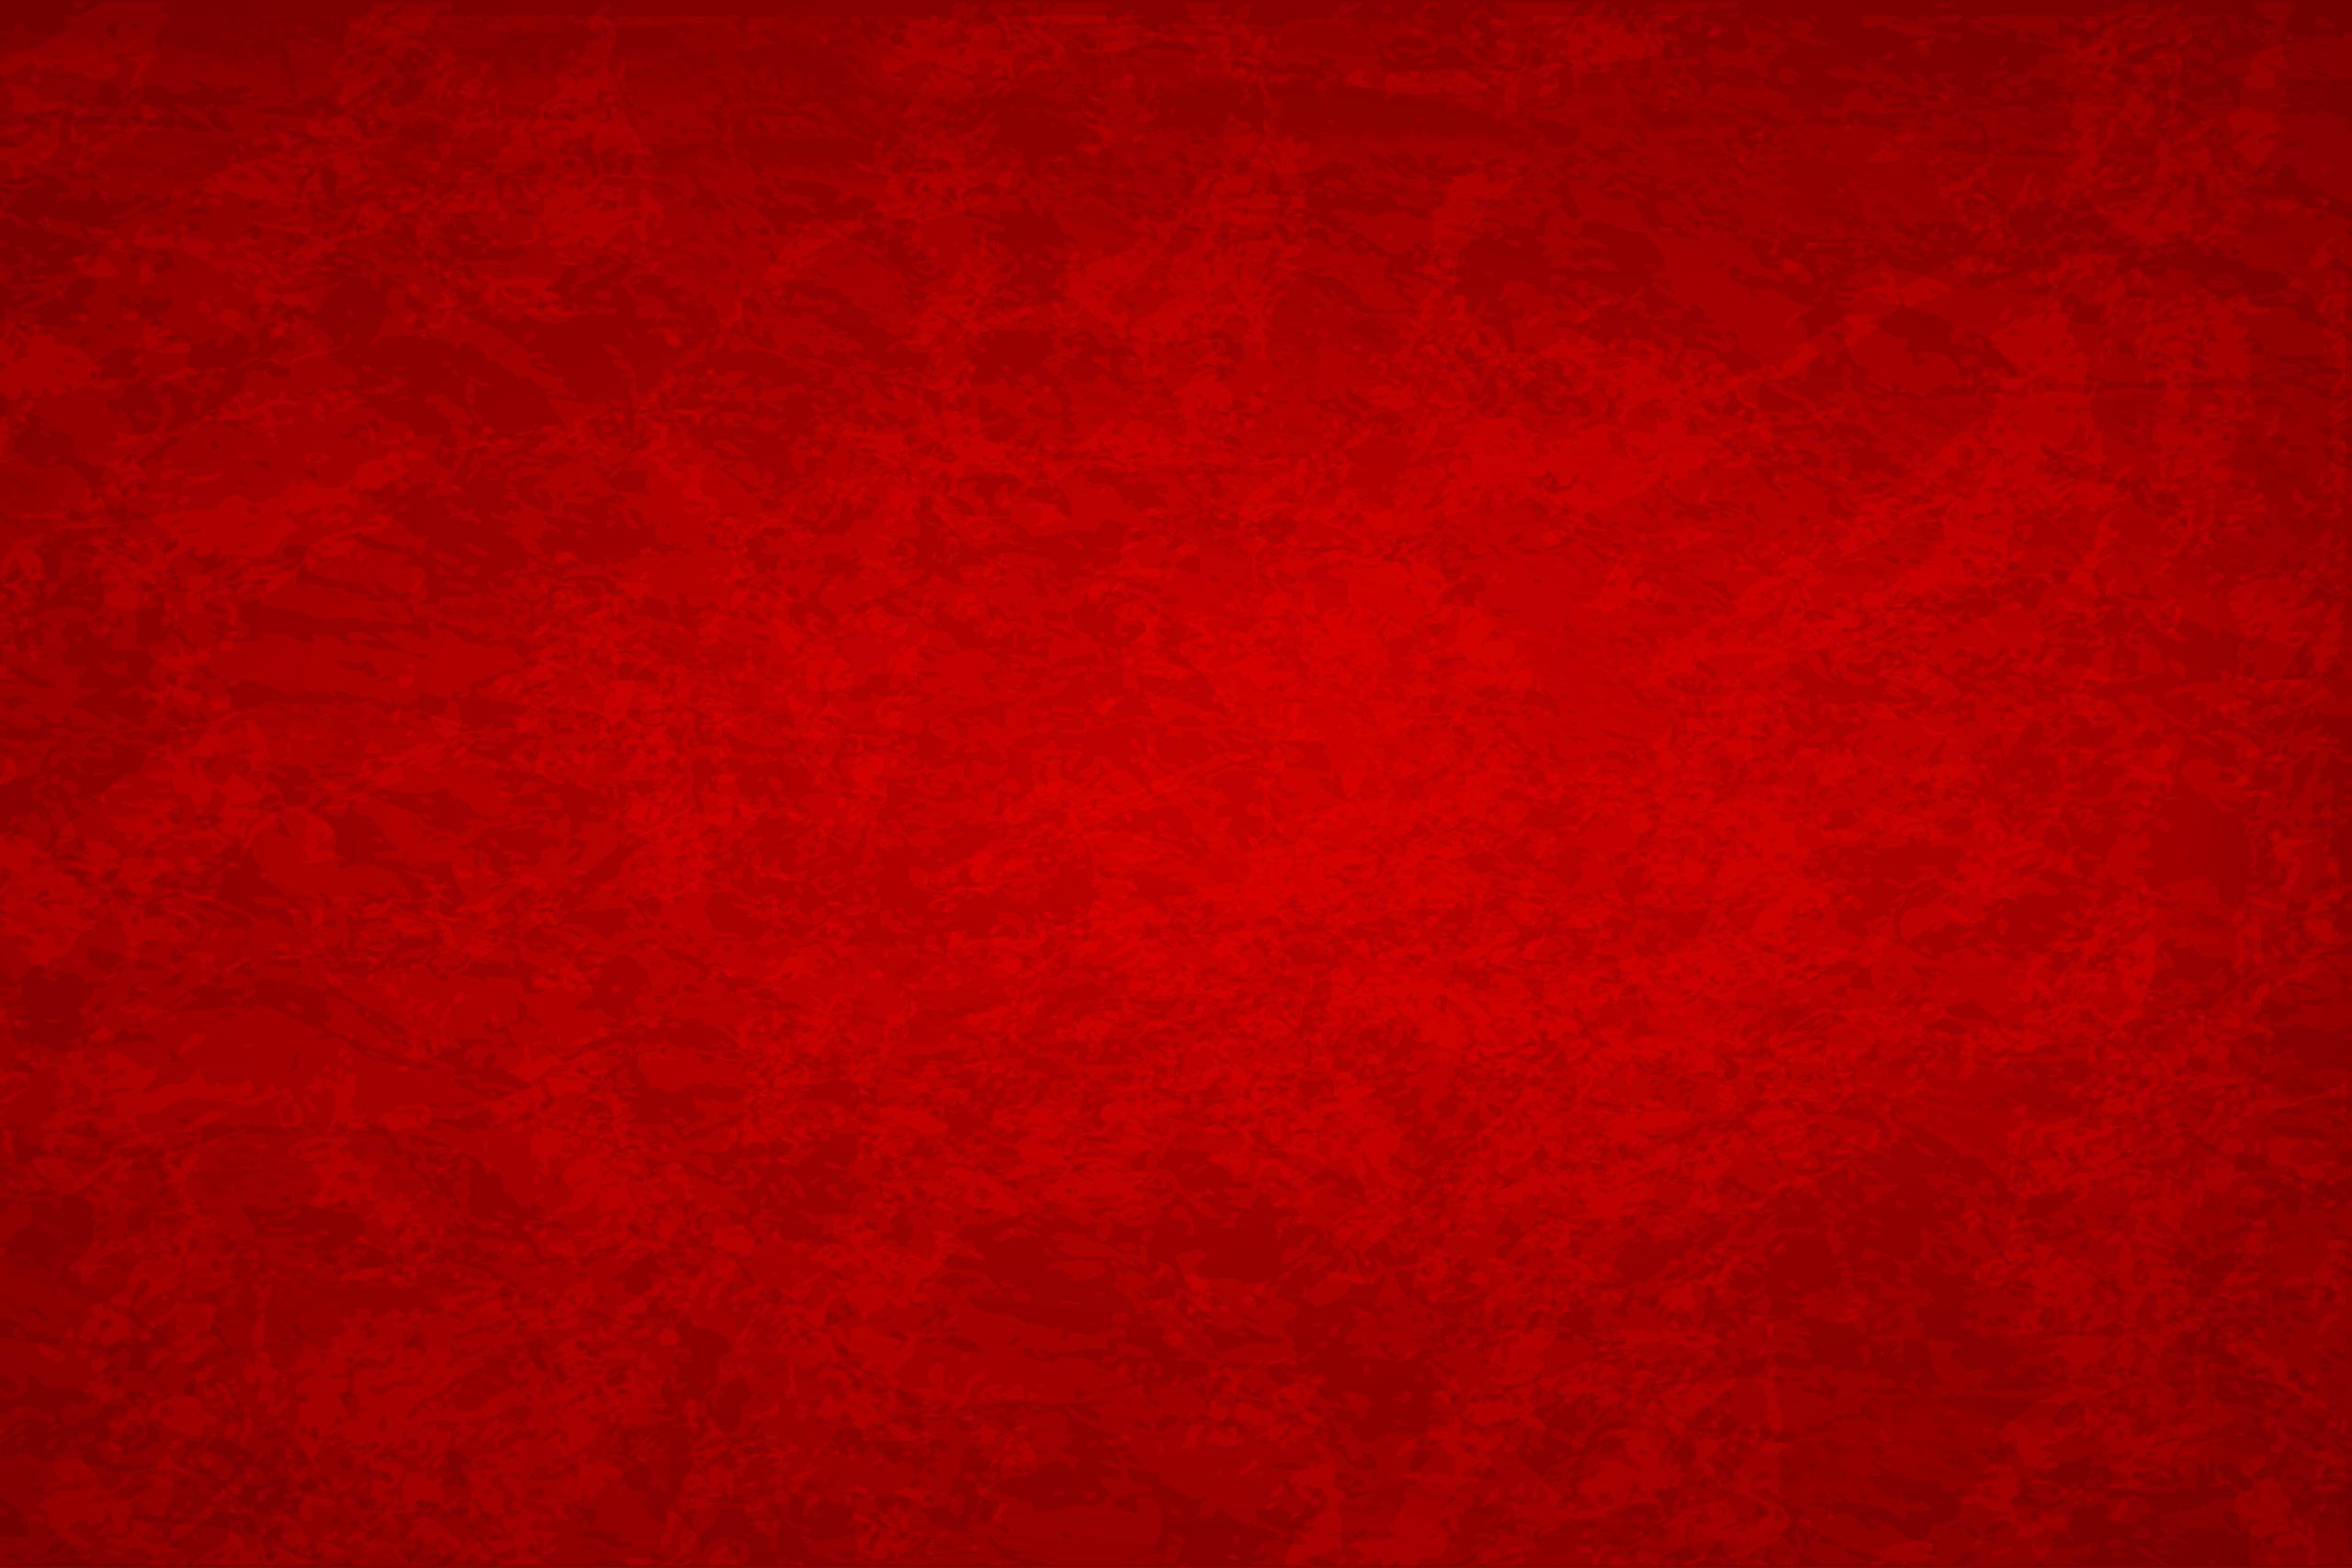 Бархатный фон красного цвета.